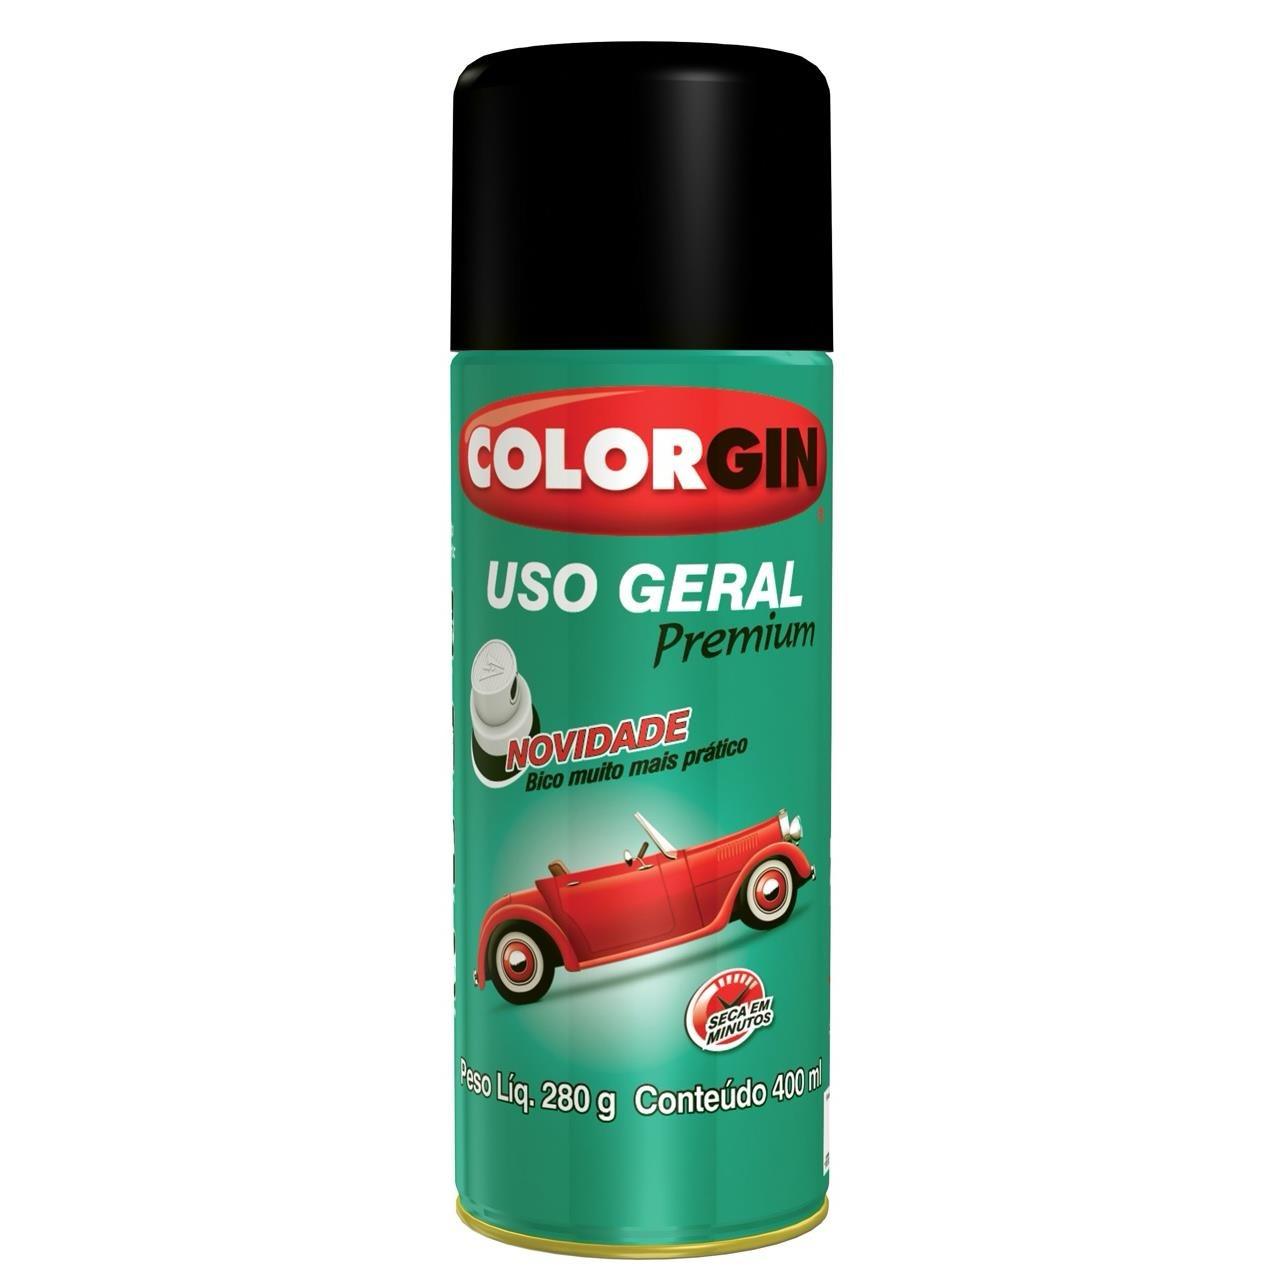 Tinta Spray Brilhante Uso geral Interno e Externo - Aluminio Para Rodas - 400ml - Colorgin